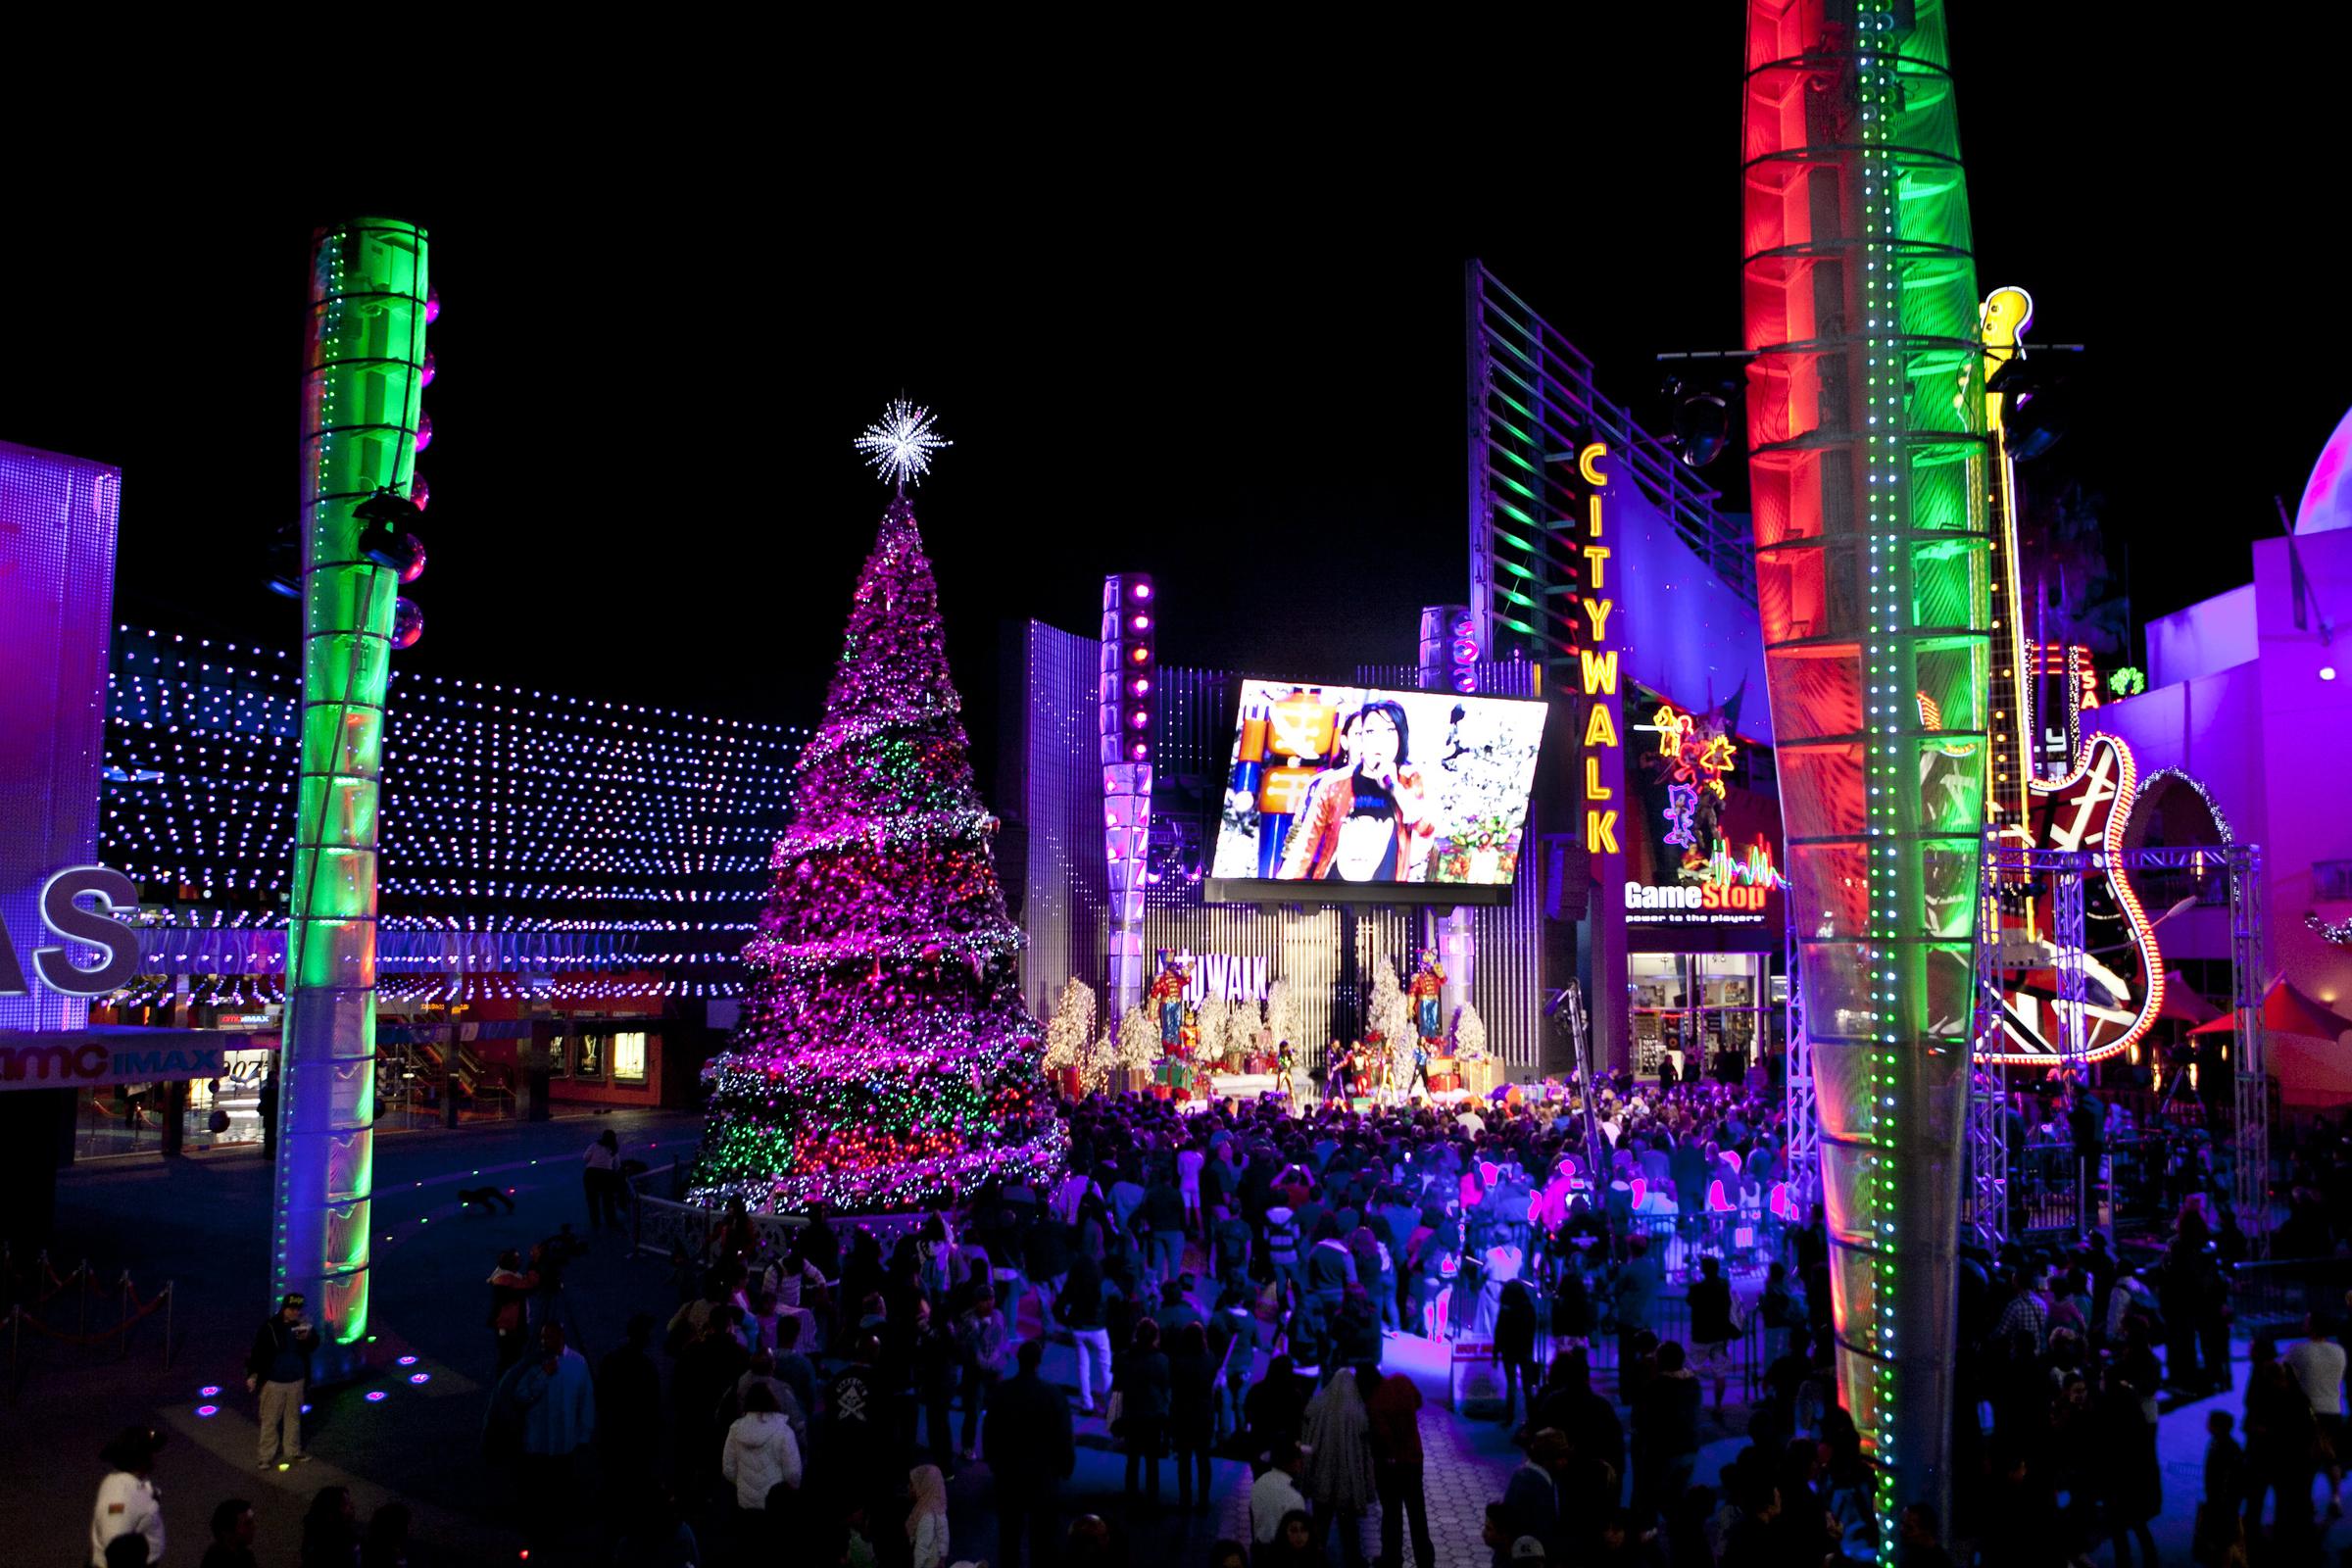 El CityWalk en Universal Studios Hollywood se viste de Navidad.